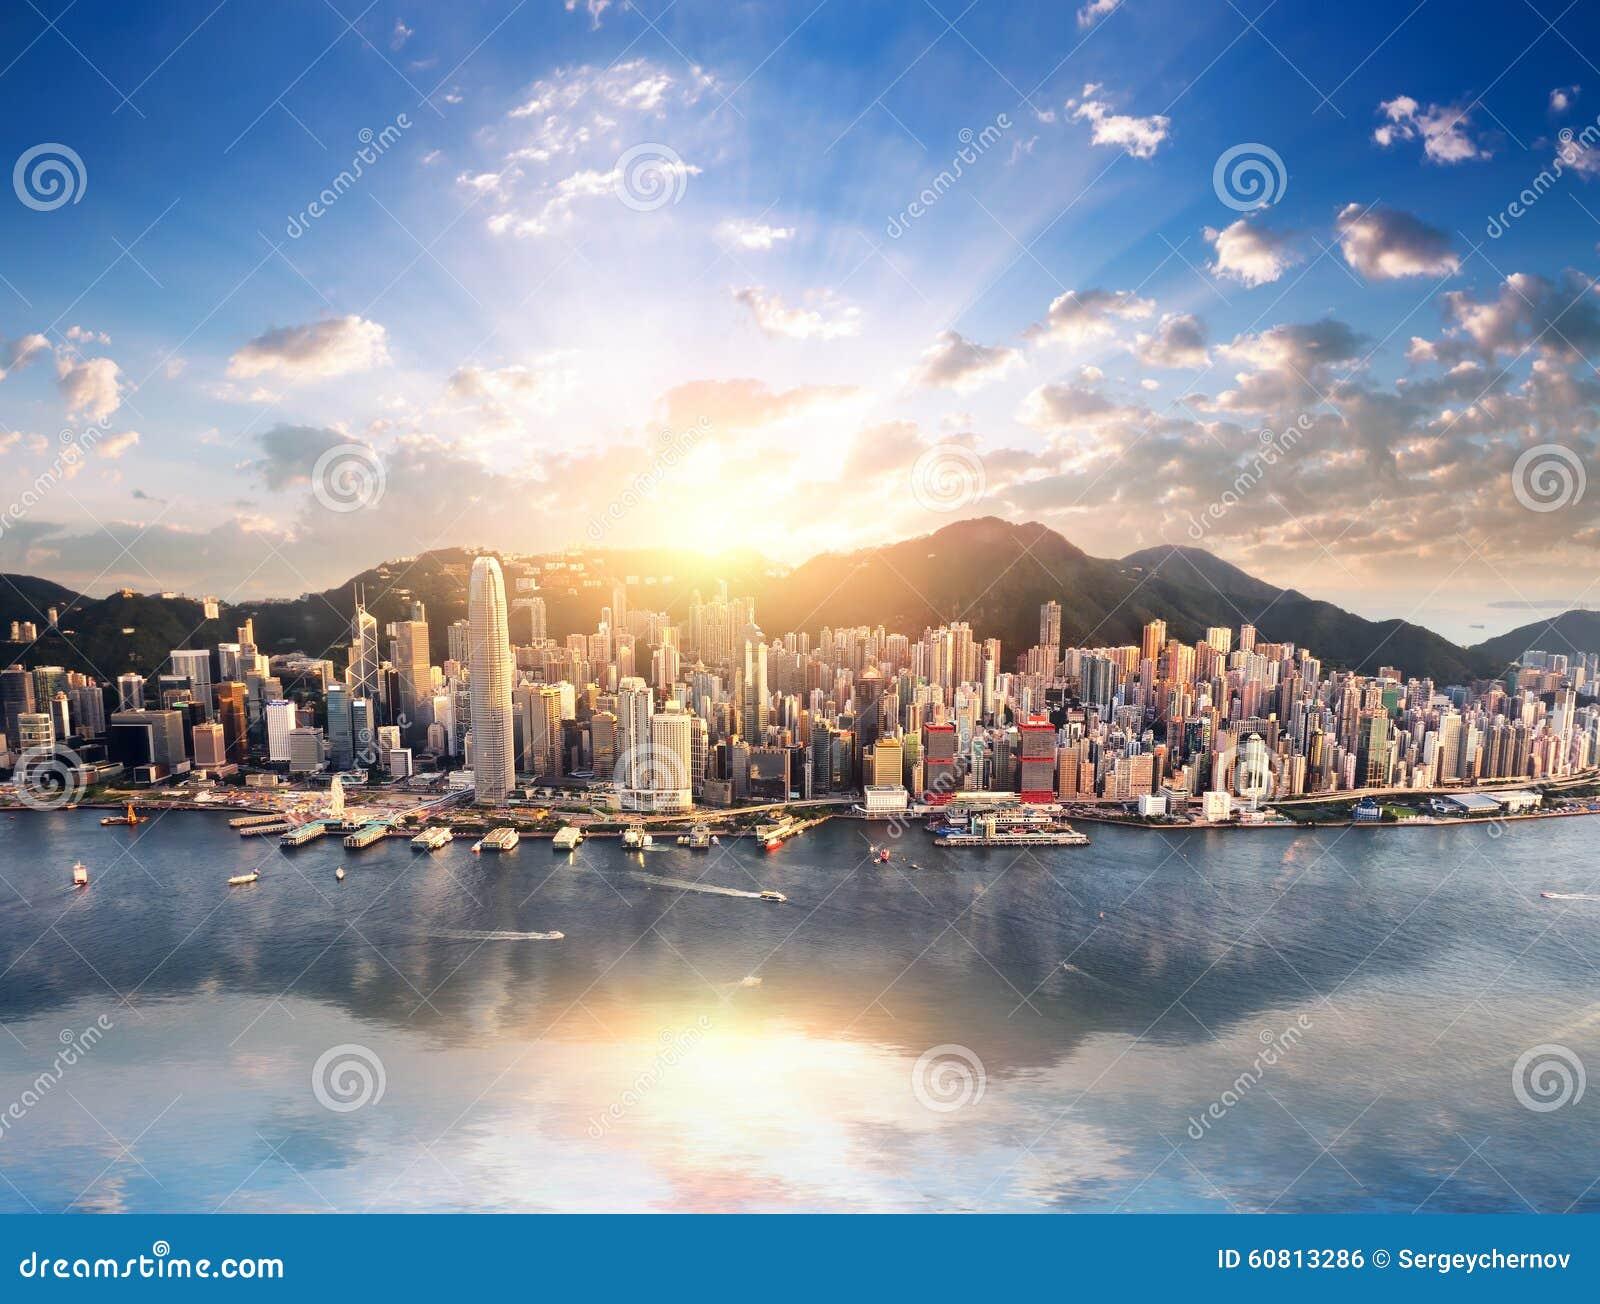 Άποψη οριζόντων πόλεων Χονγκ Κονγκ από το λιμάνι με τους ουρανοξύστες και τον ήλιο